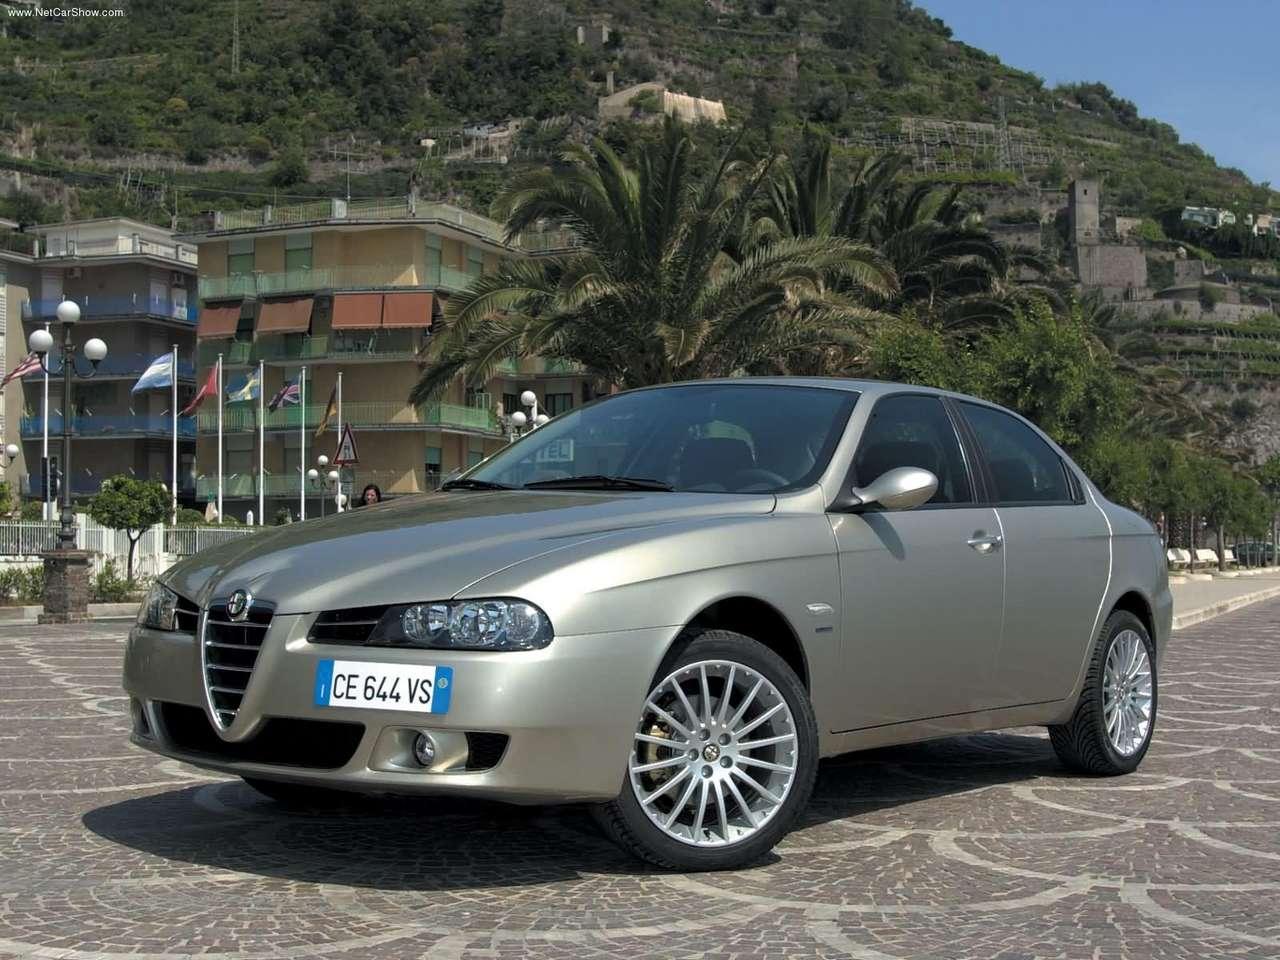 Alfa_Romeo-156_2.4_JTD_2003_1280x960_wallpaper_03